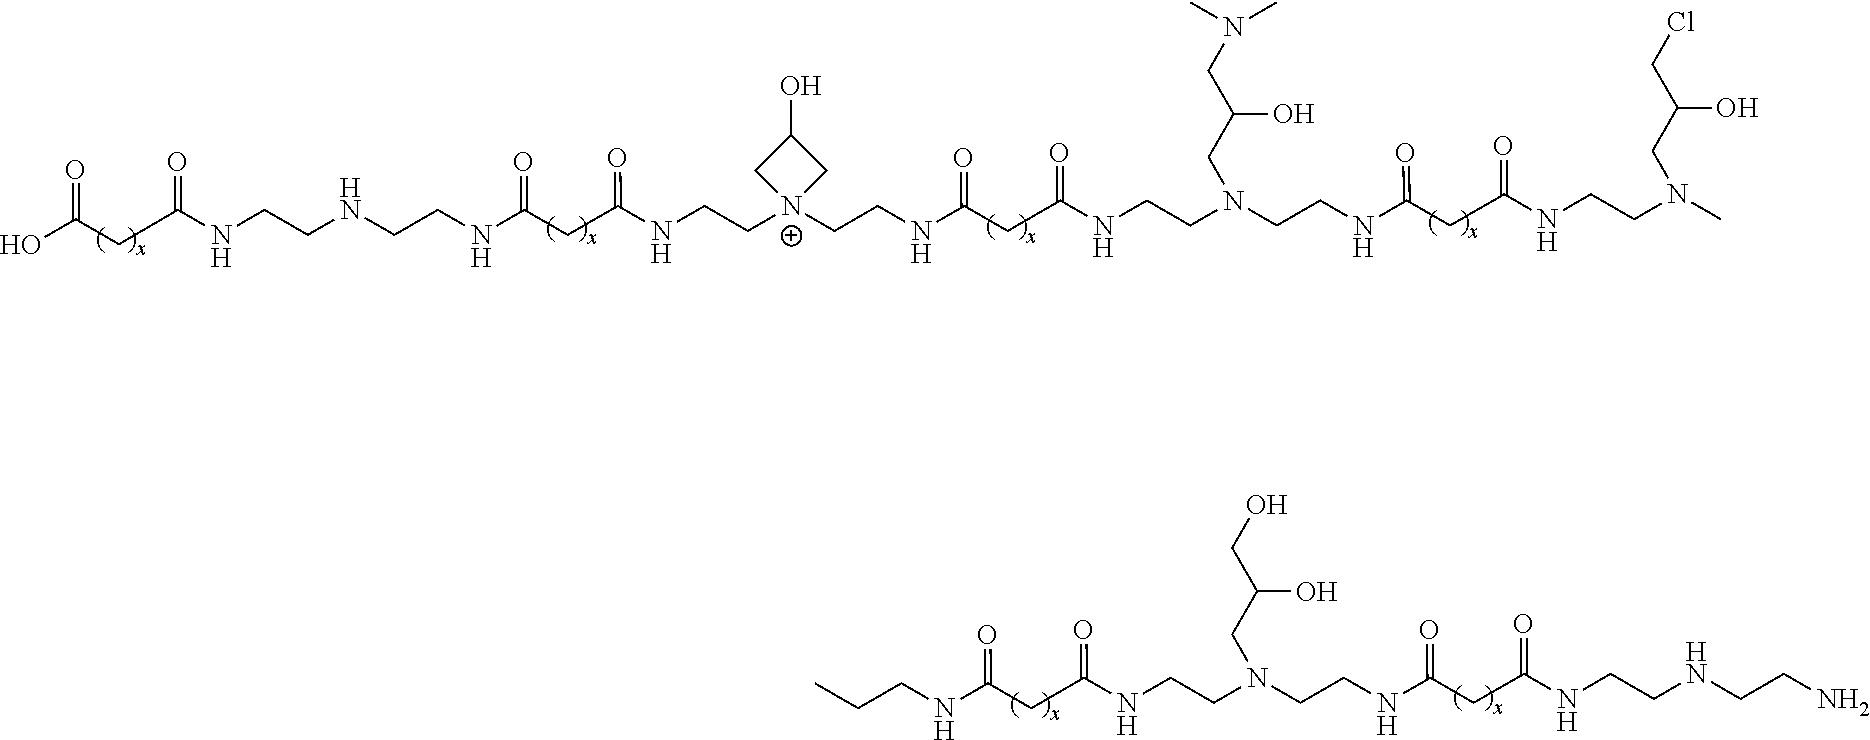 Figure US20110218271A1-20110908-C00006